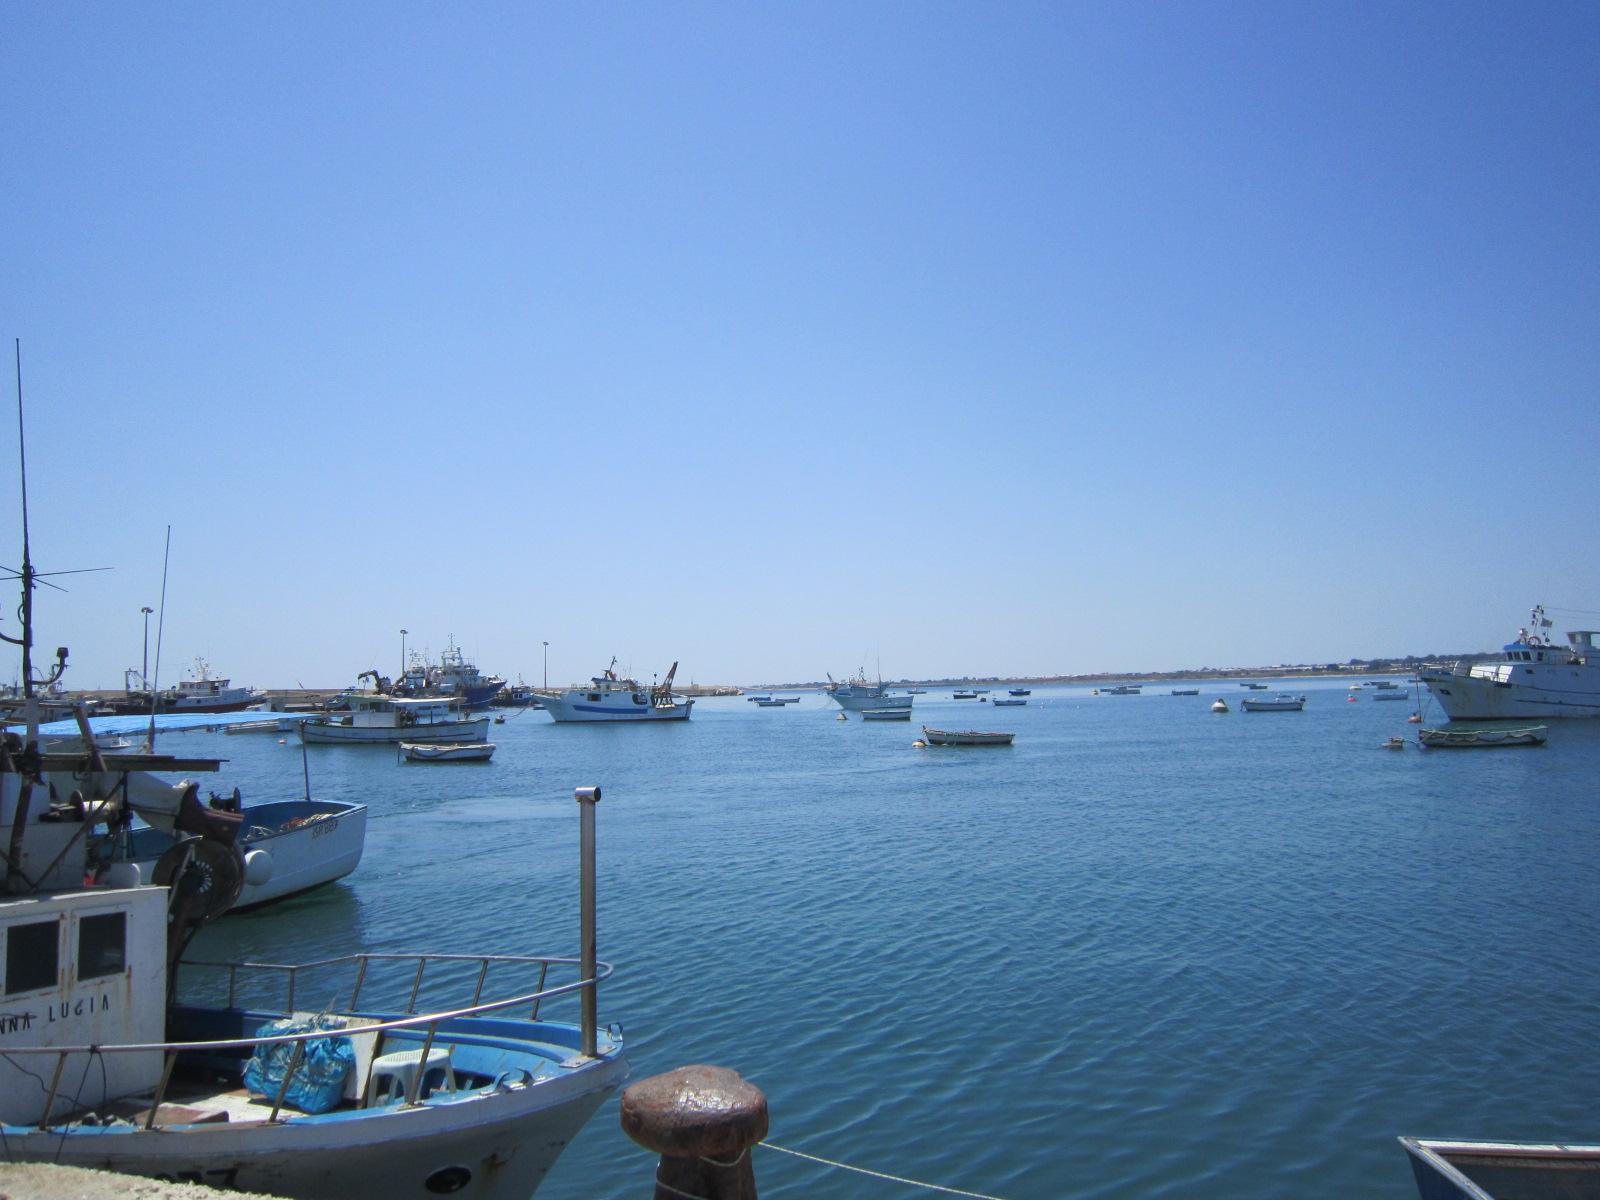 ポッツァーロの魚市場 バゥ_d0084229_106137.jpg